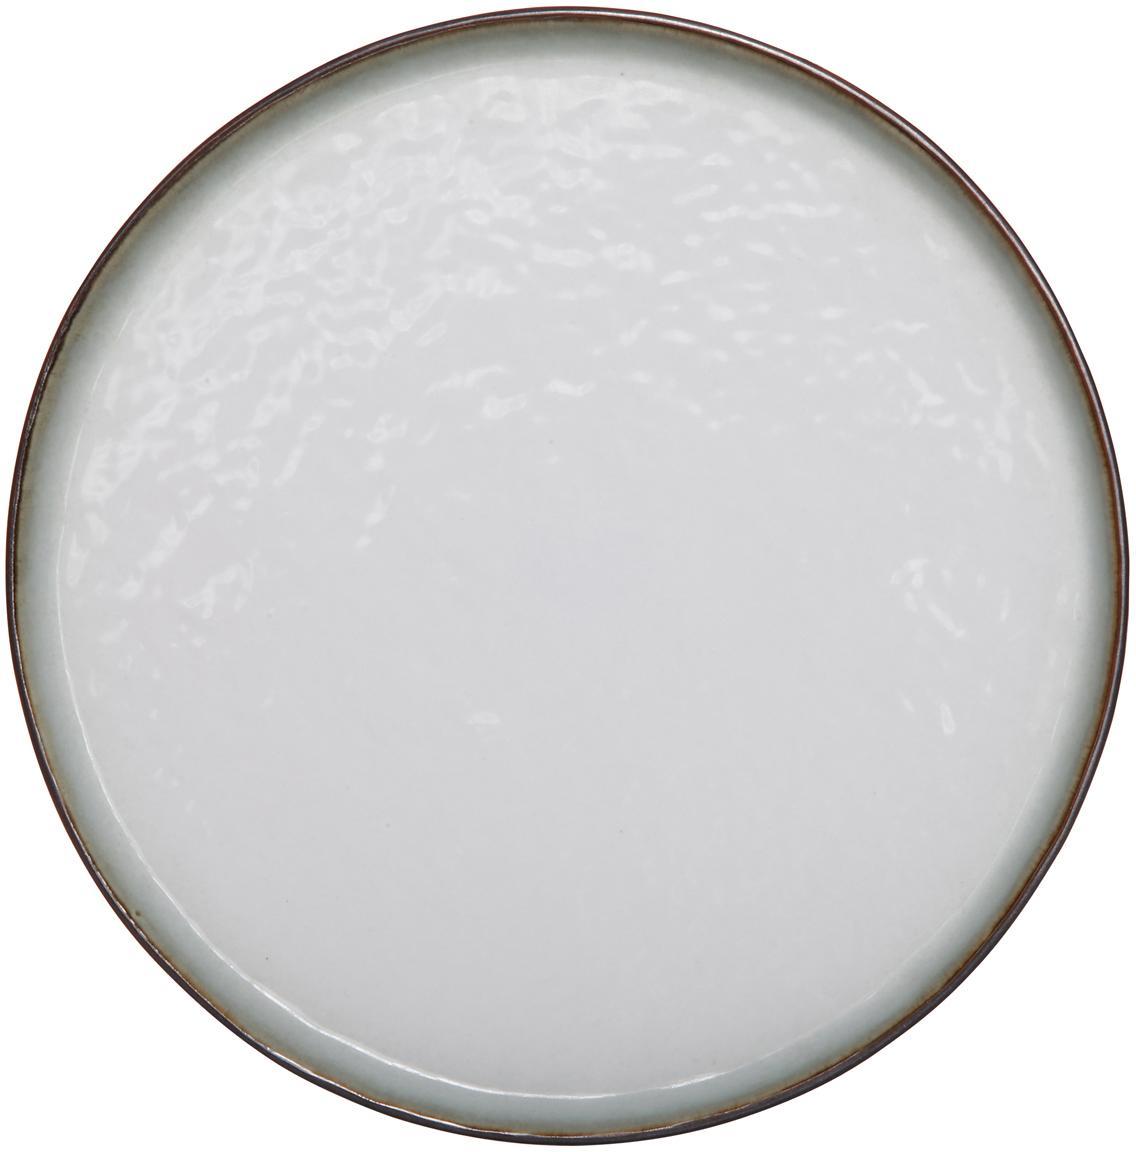 Steingut-Frühstücksteller Plato, 6 Stück, Steingut, Braun, Weiß, Ø 22 cm